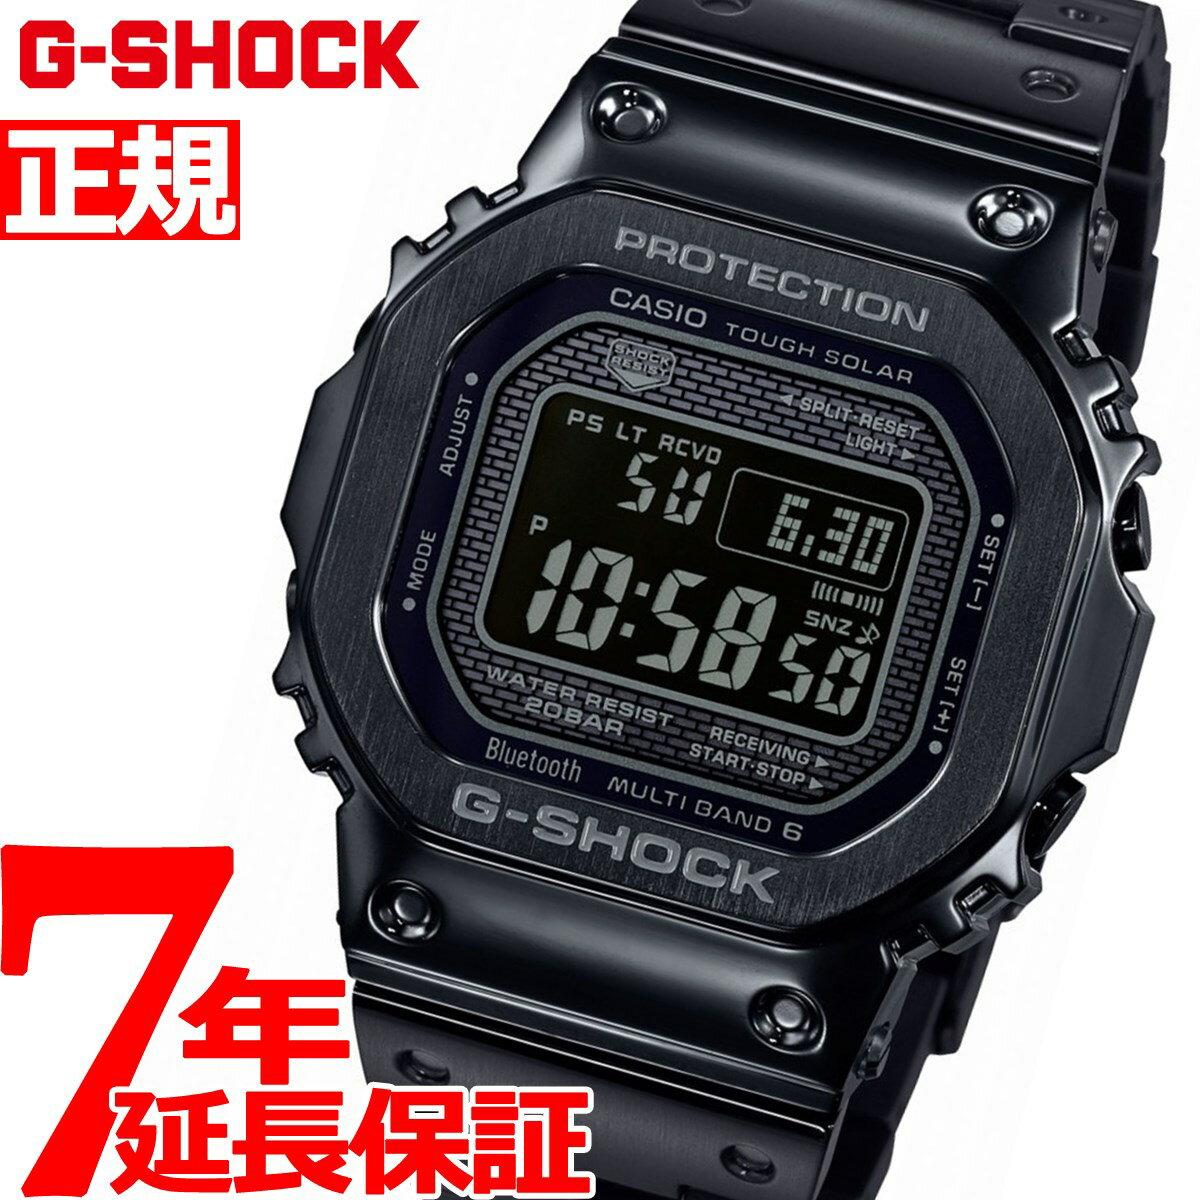 【店内ポイント最大37倍!19日9時59分まで】カシオ Gショック CASIO G-SHOCK タフソーラー 電波時計 デジタル 腕時計 メンズ ブラック GMW-B5000GD-1JF【2018 新作】